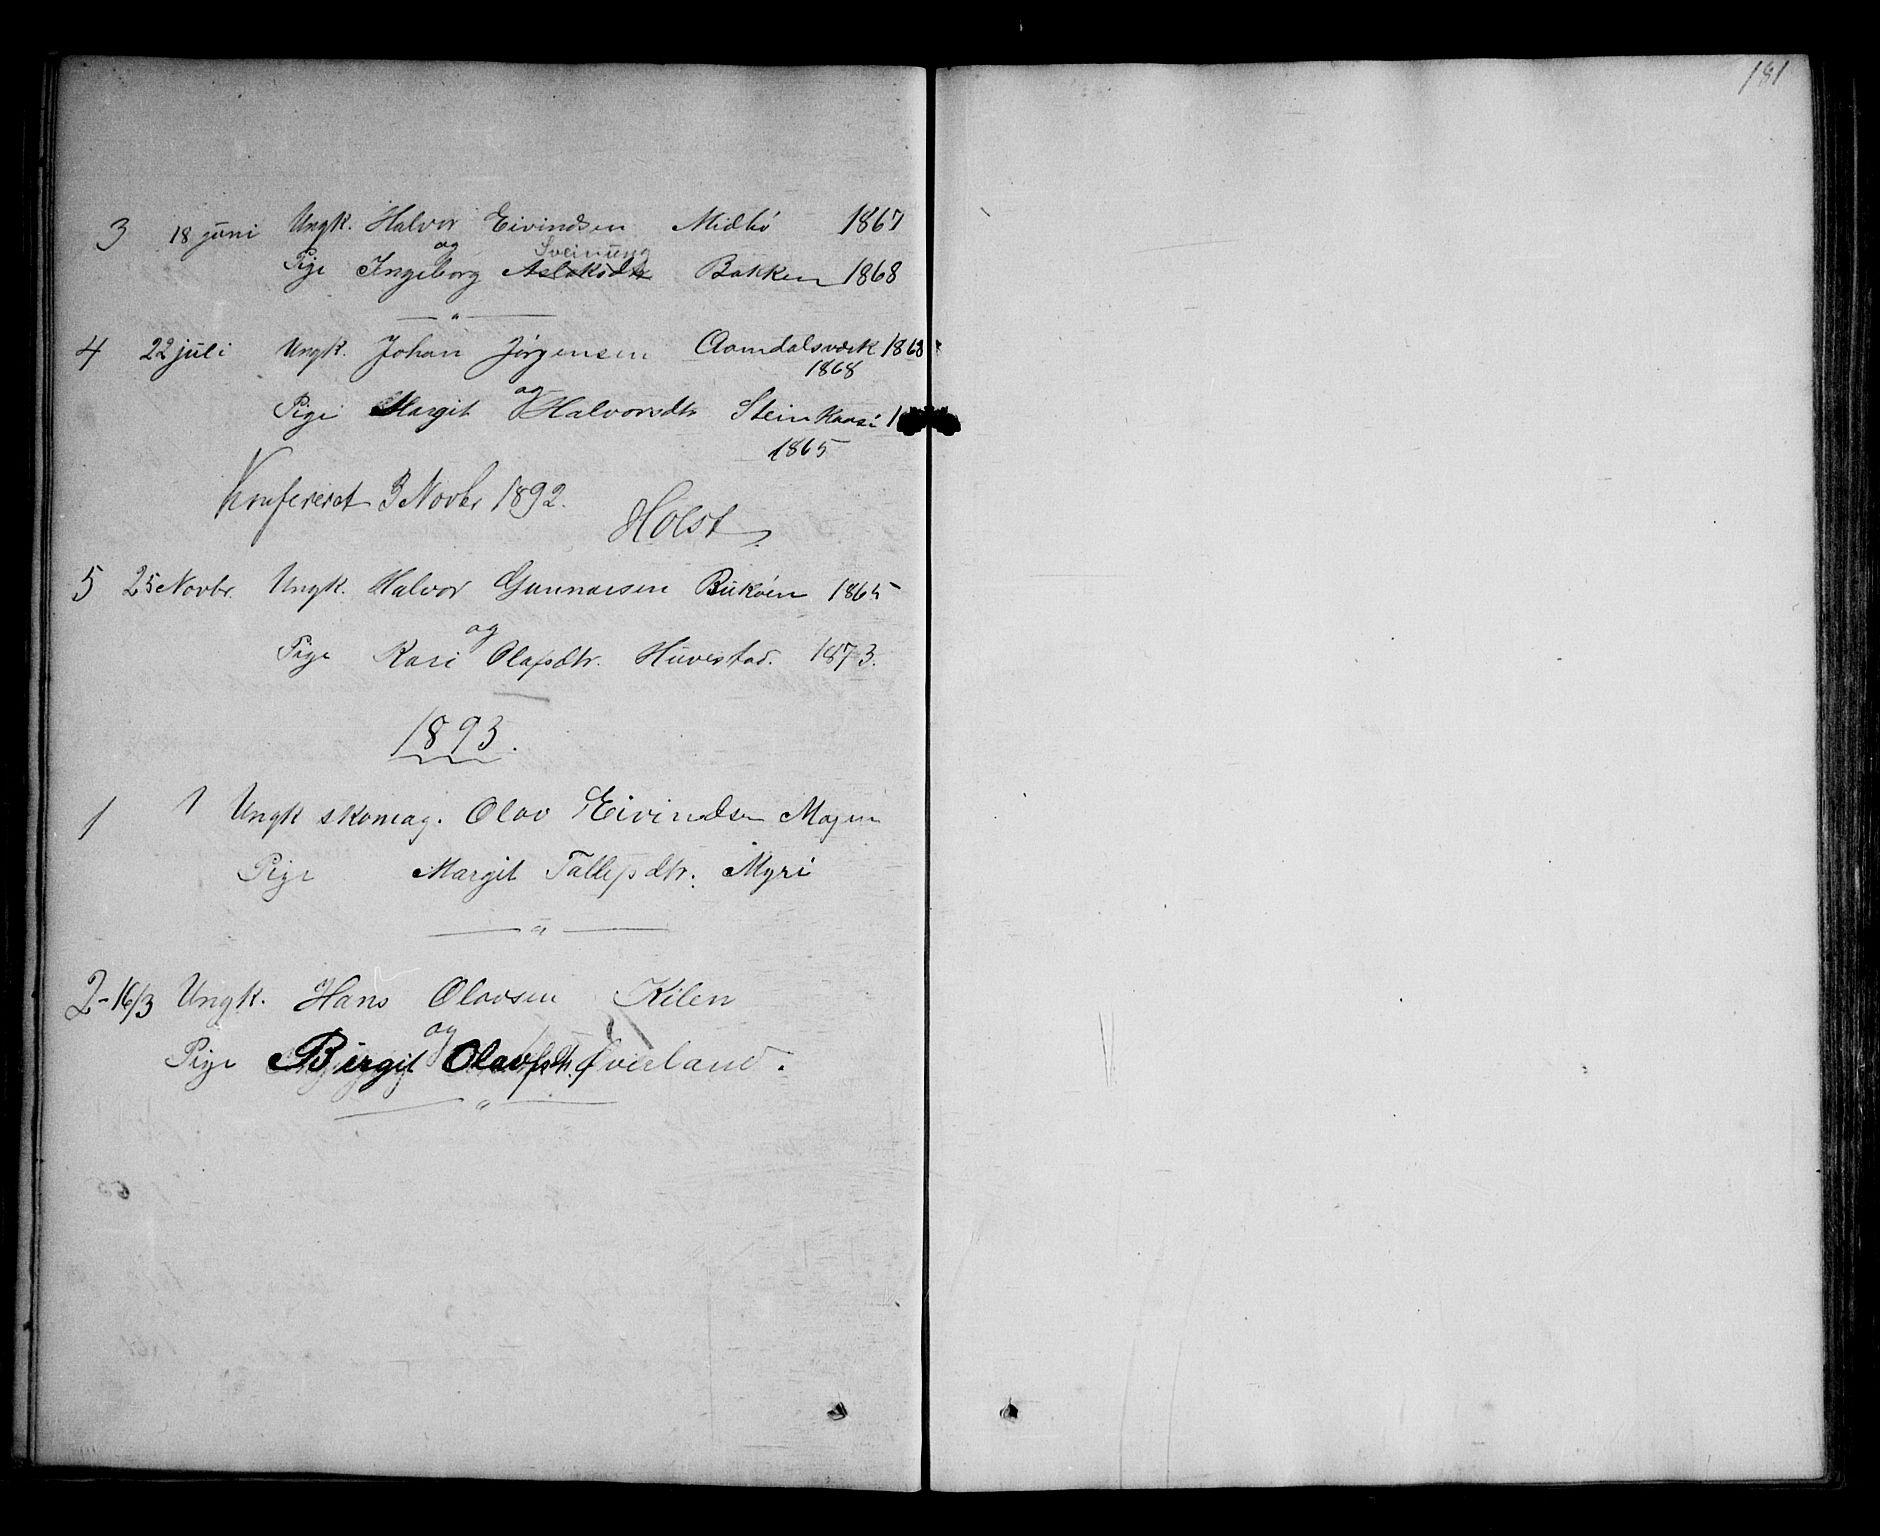 SAKO, Kviteseid kirkebøker, G/Ga/L0001: Klokkerbok nr. I 1, 1850-1893, s. 181